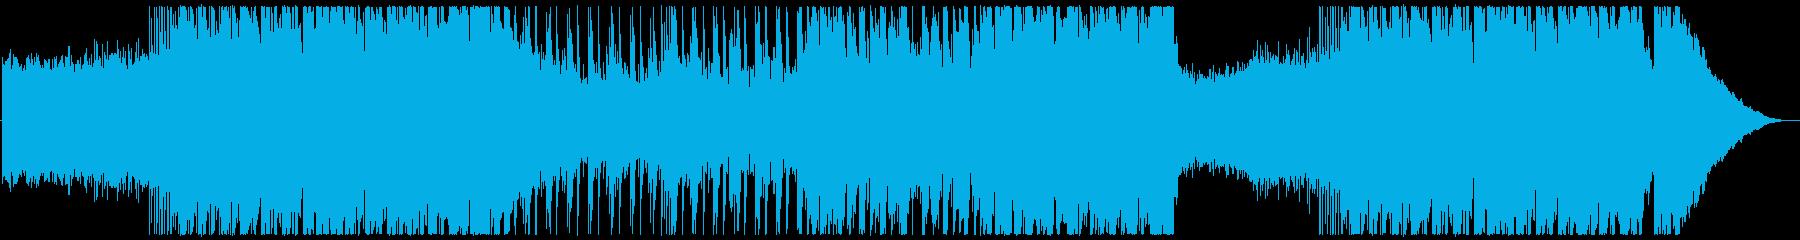 メタル 積極的 焦り 神経質 スポ...の再生済みの波形